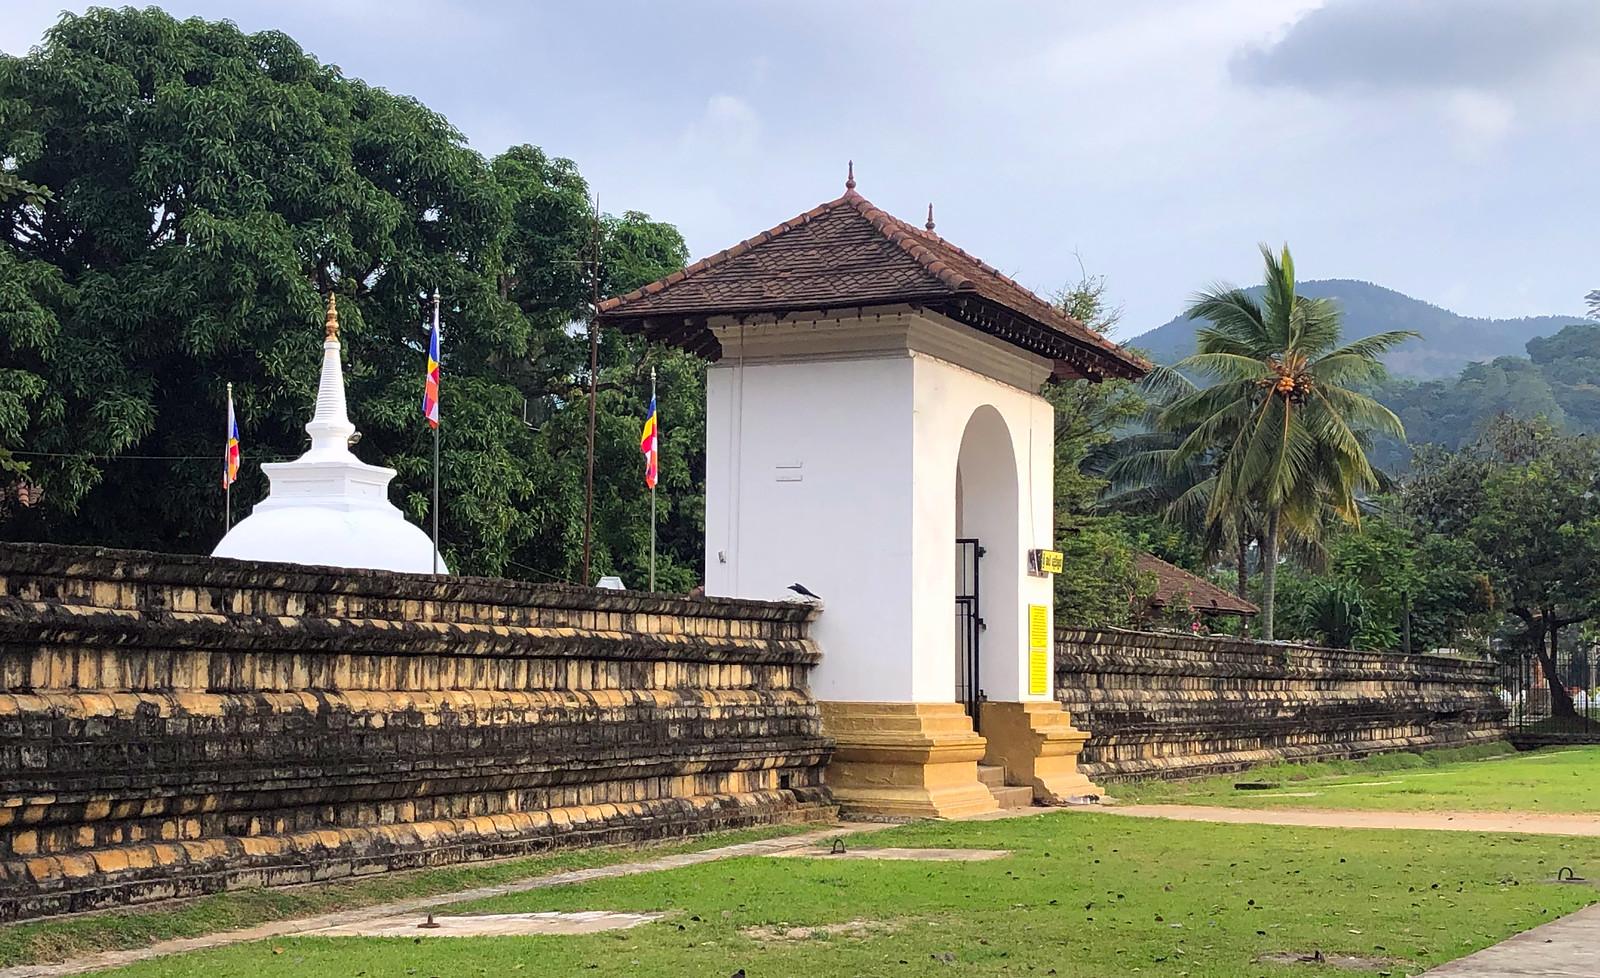 Kandy en un día, Sri Lanka kandy en un día - 46151971595 9e4f71192d h - Kandy en un día, Sri Lanka